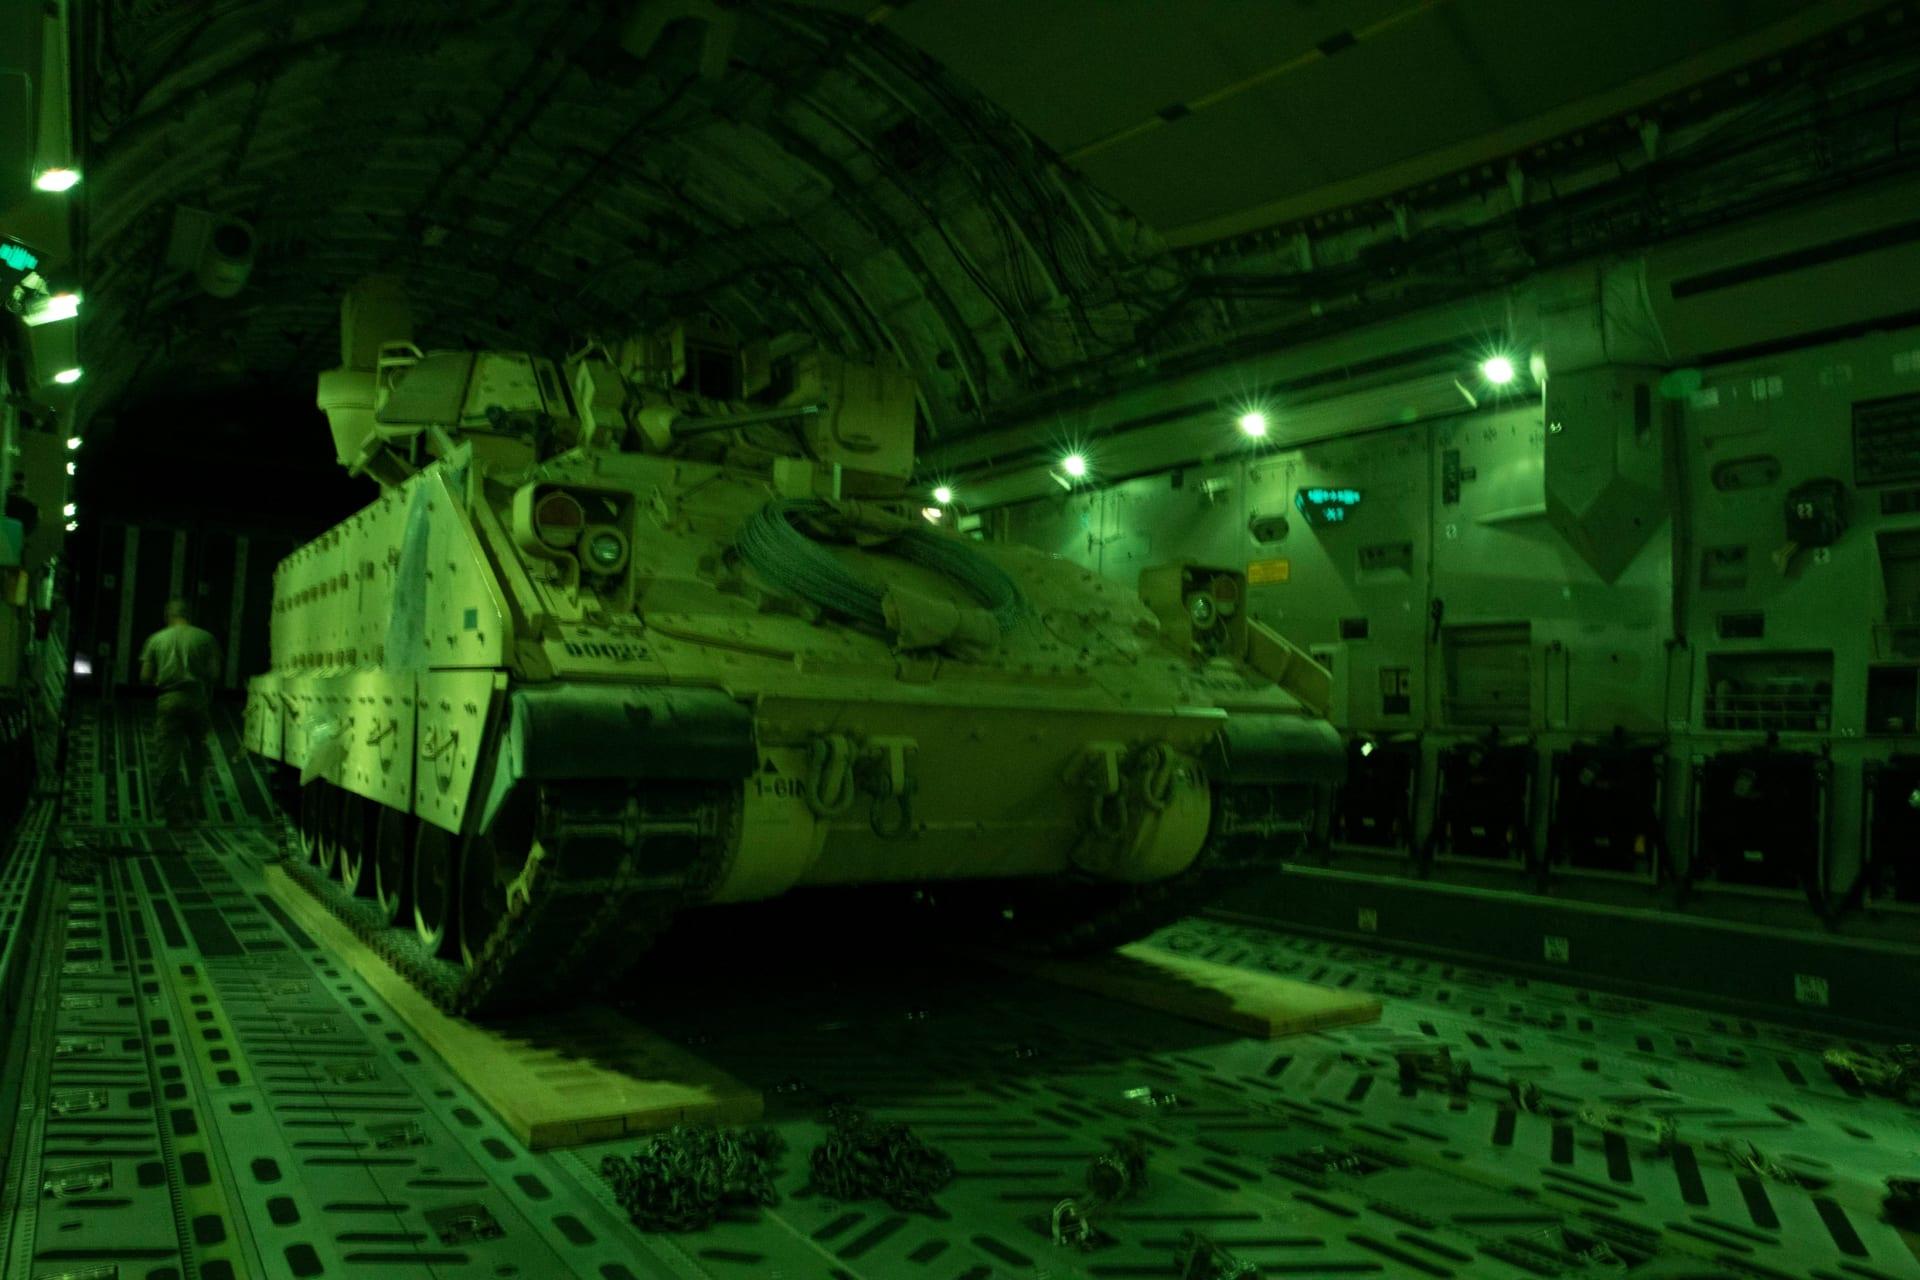 التحالف الدولي: الولايات المتحدة تنقل عربات مدرعة إلى داخل سوريا